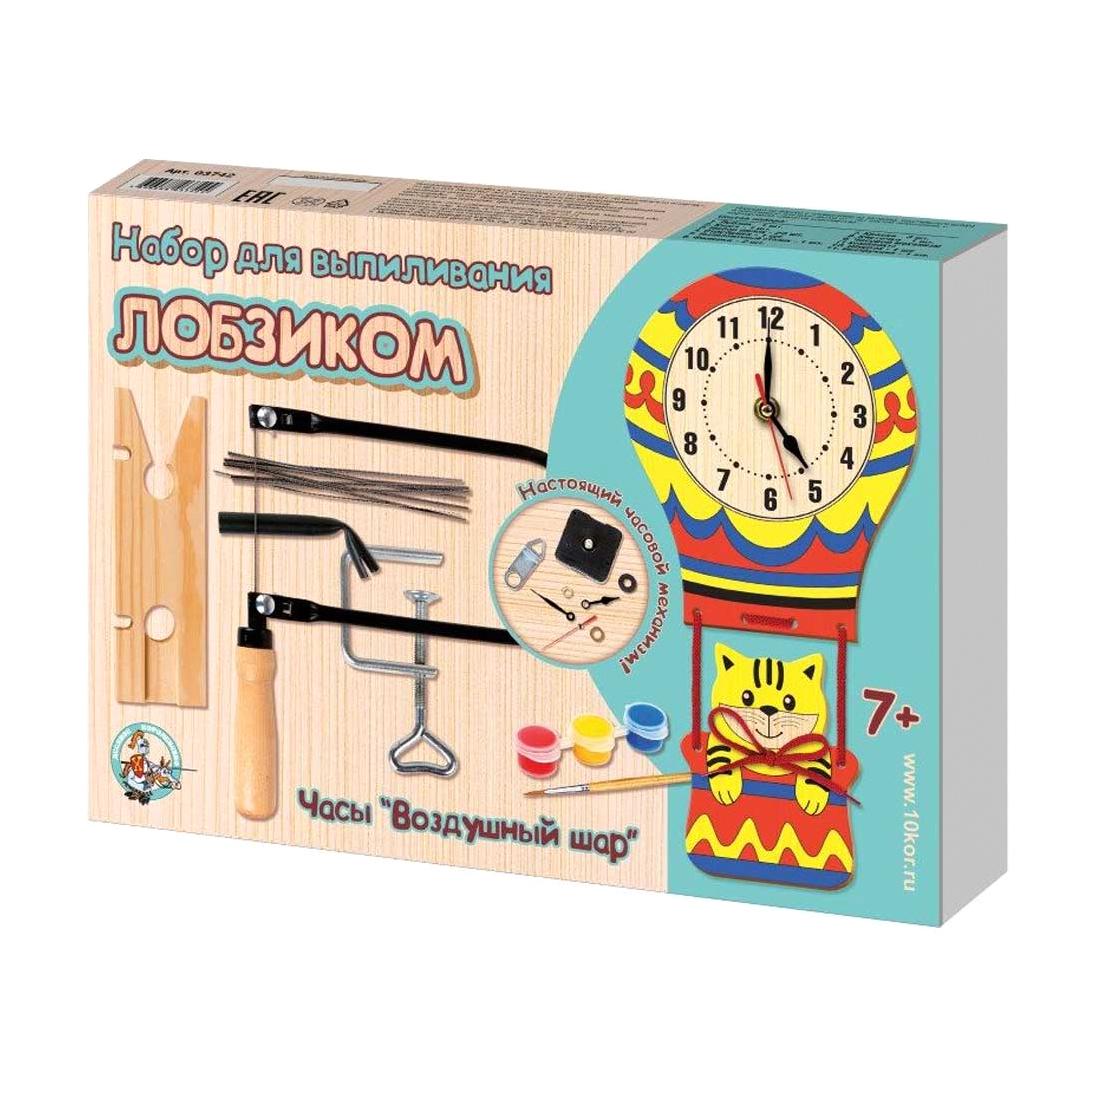 Набор для выпиливания лобзиком «Часы. Воздушный шар» фото